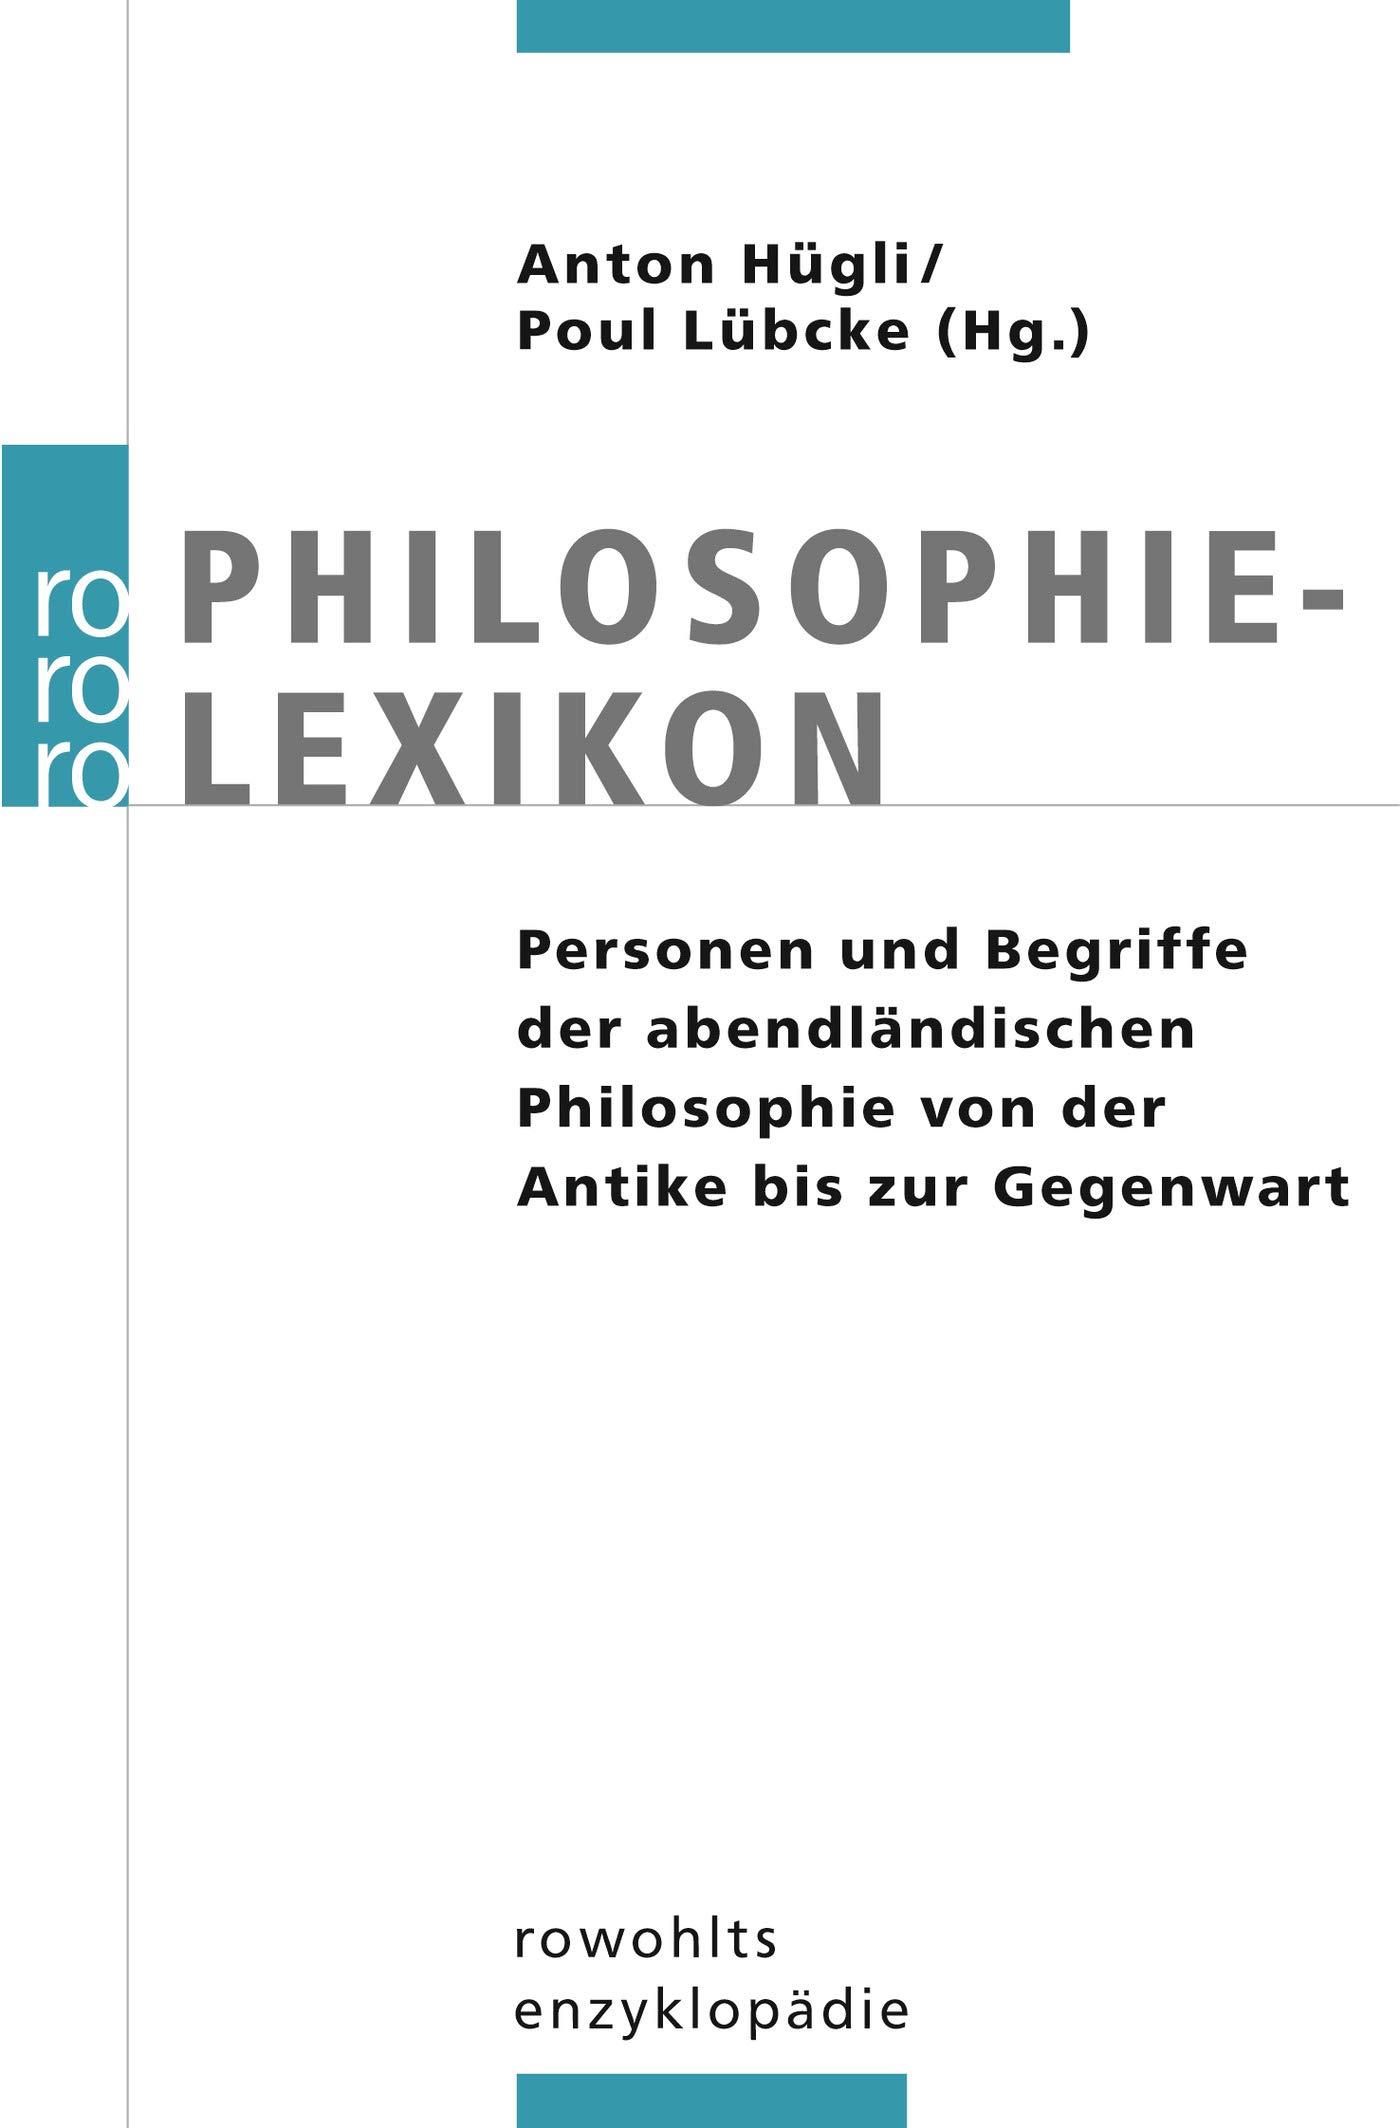 Philosophielexikon: Personen und Begriffe der abendländischen Philosophie von der Antike bis zur Gegenwart